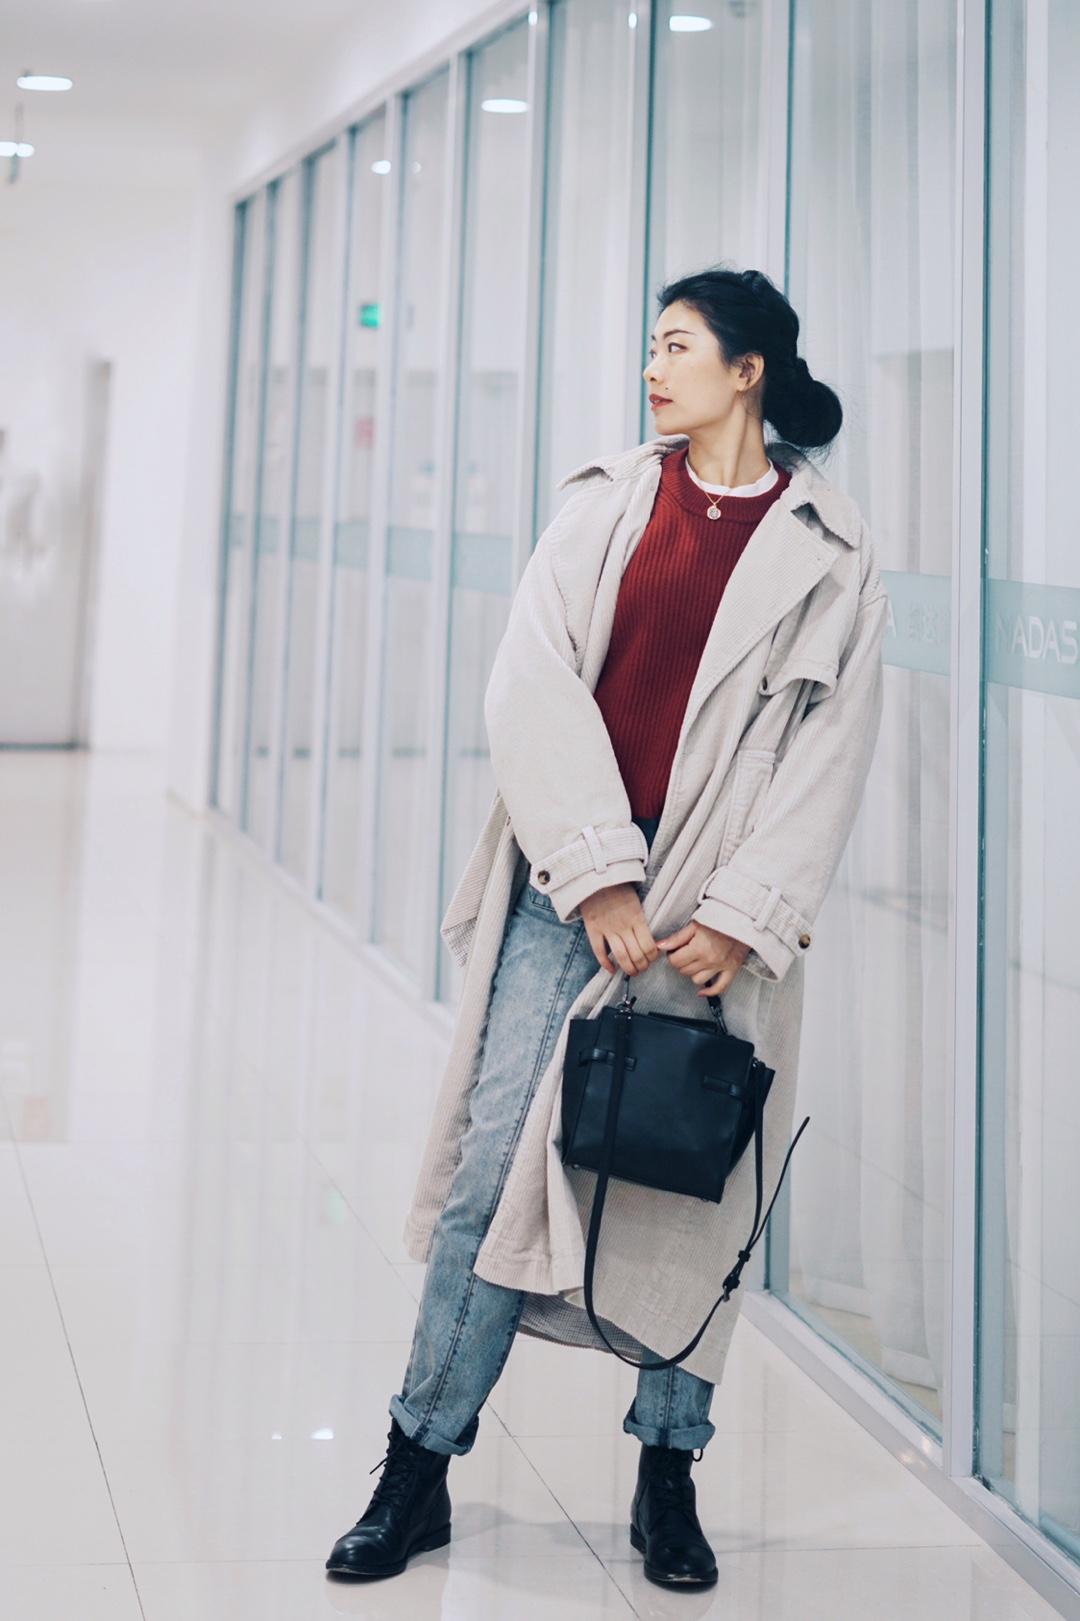 #提高腰线!小个子穿搭终极重点# 暖暖的红色毛衣, 搭配版型超棒的磨旧感牛仔裤, 看上去有种校园时代的纯情。 米白色灯芯绒大风衣不抢镜, 却也是无法忽视的气场担当~ 而且真的好挡风! 马丁靴和包包意外选择比较硬朗的款式, 全身形成了有趣的冲撞感。